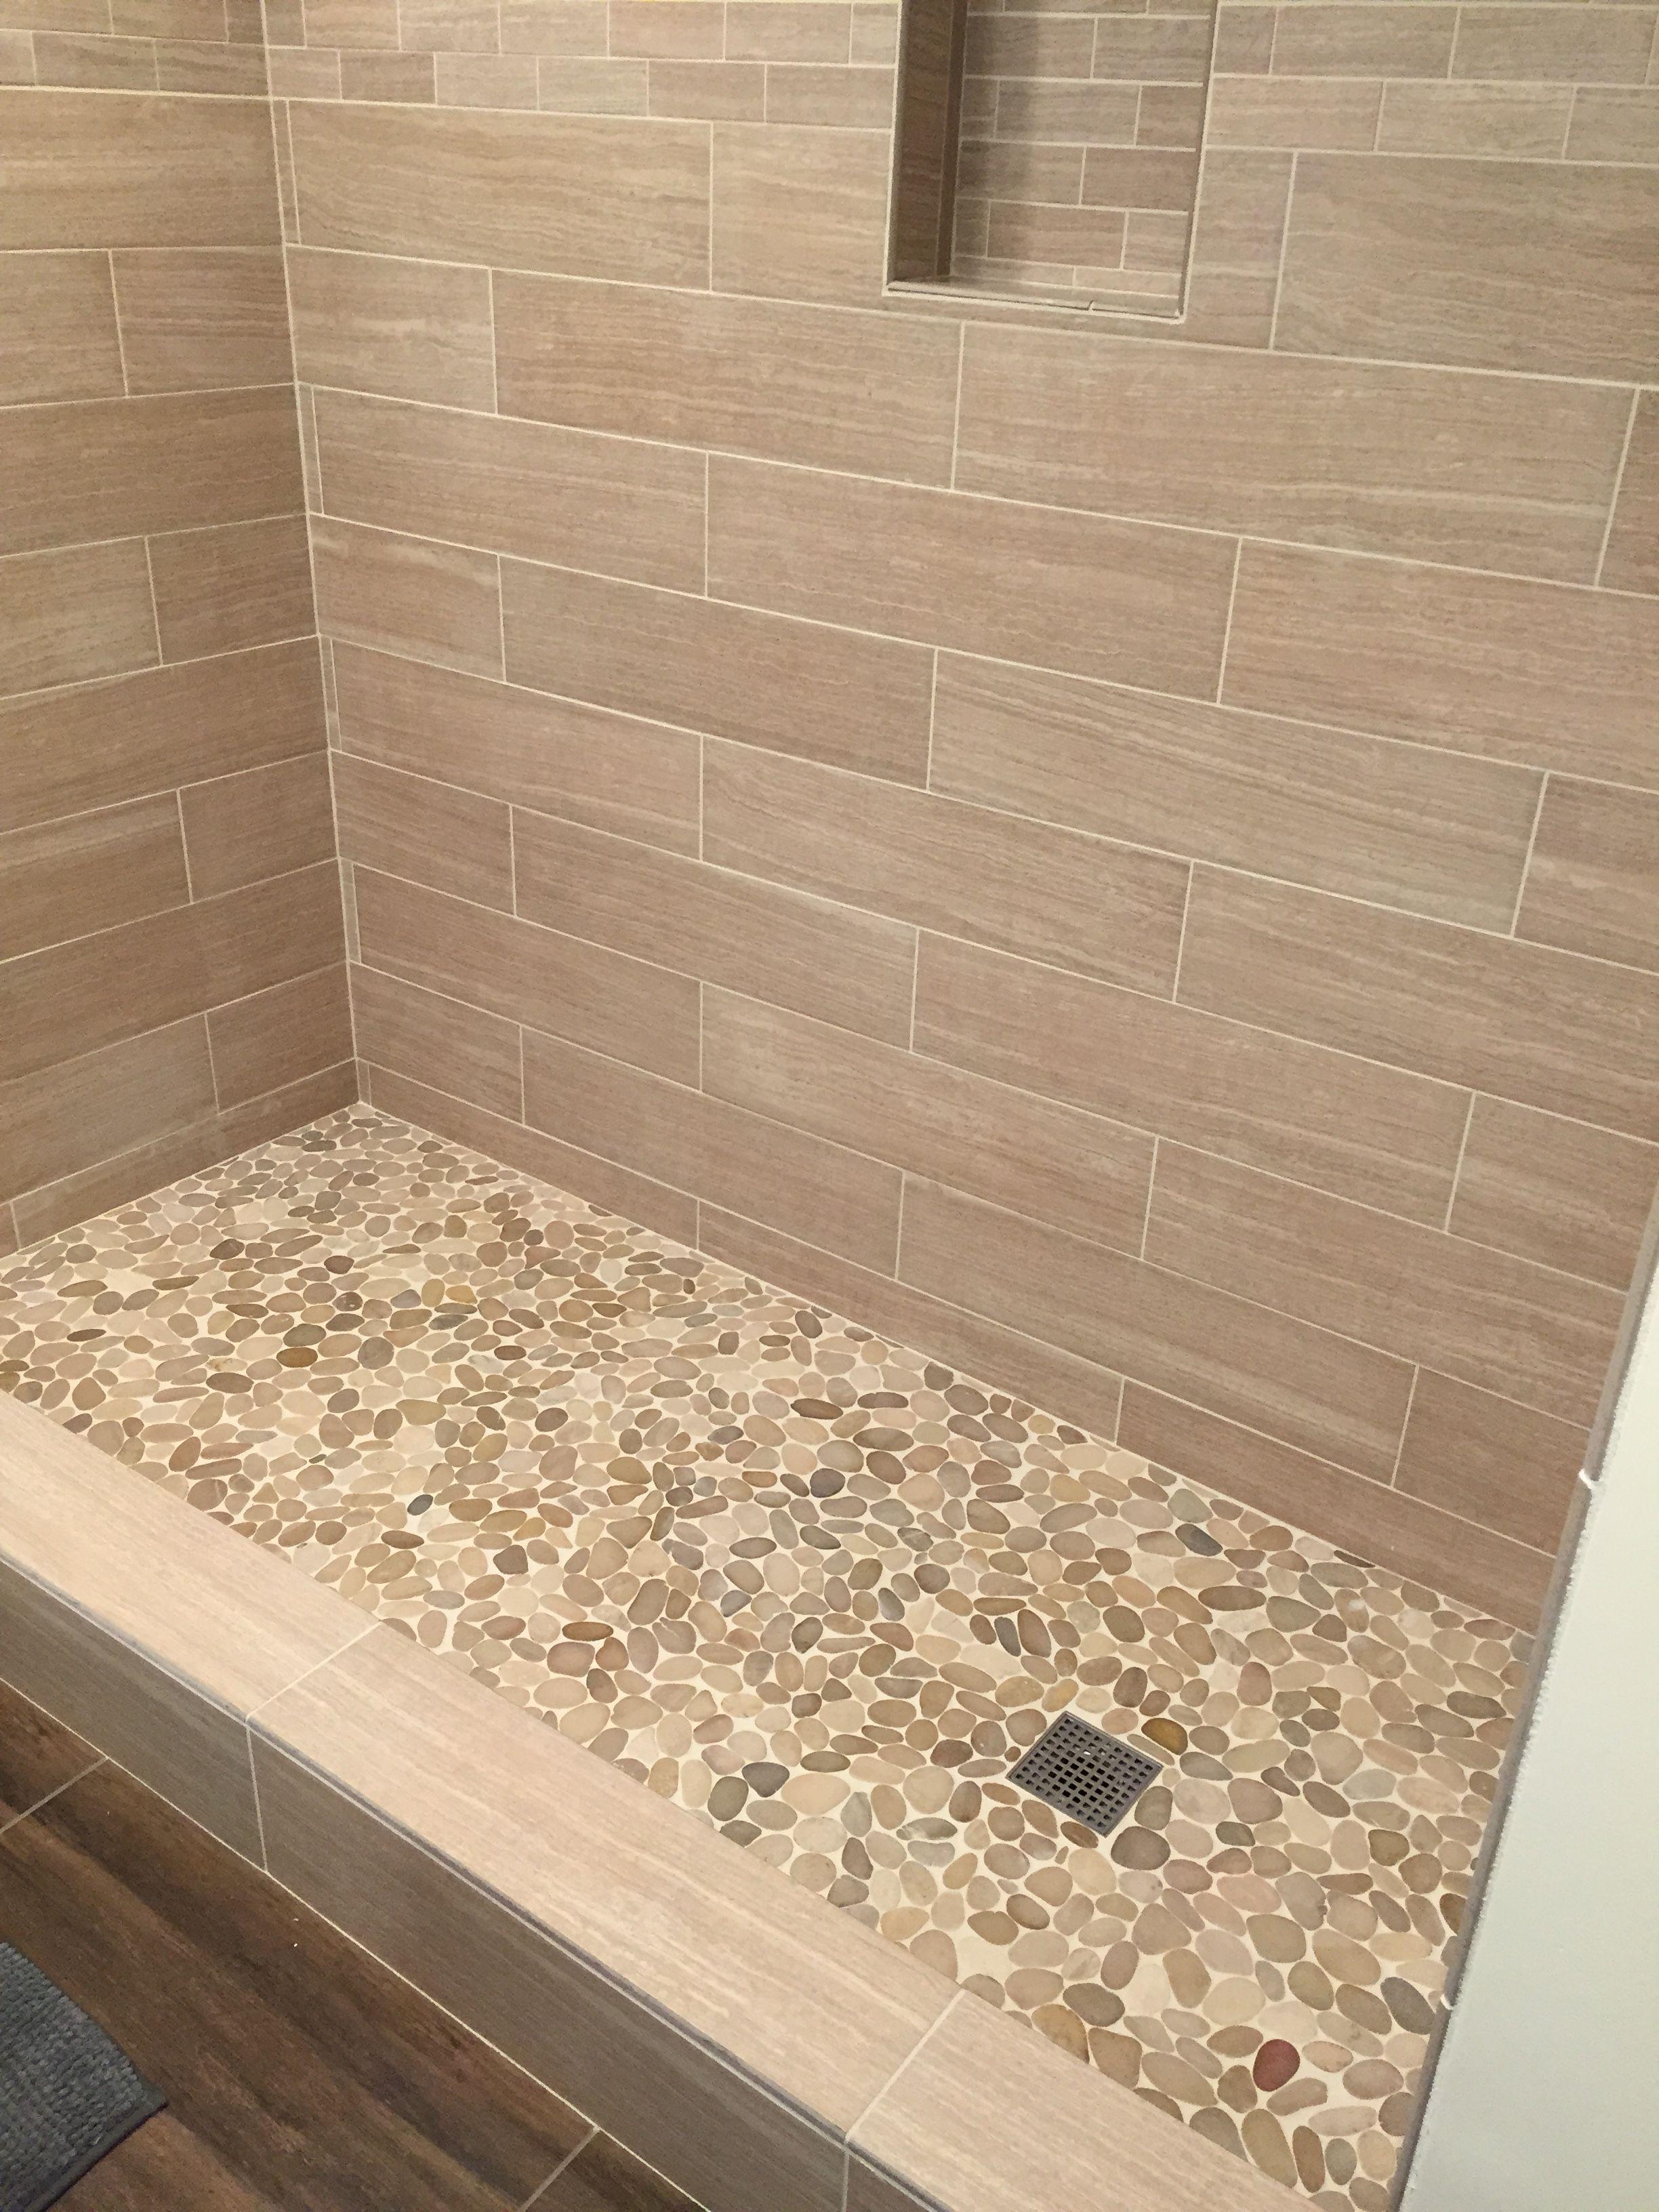 Sliced Java Tan Pebble Tile Bathroom Pebble Tile Shower Floor